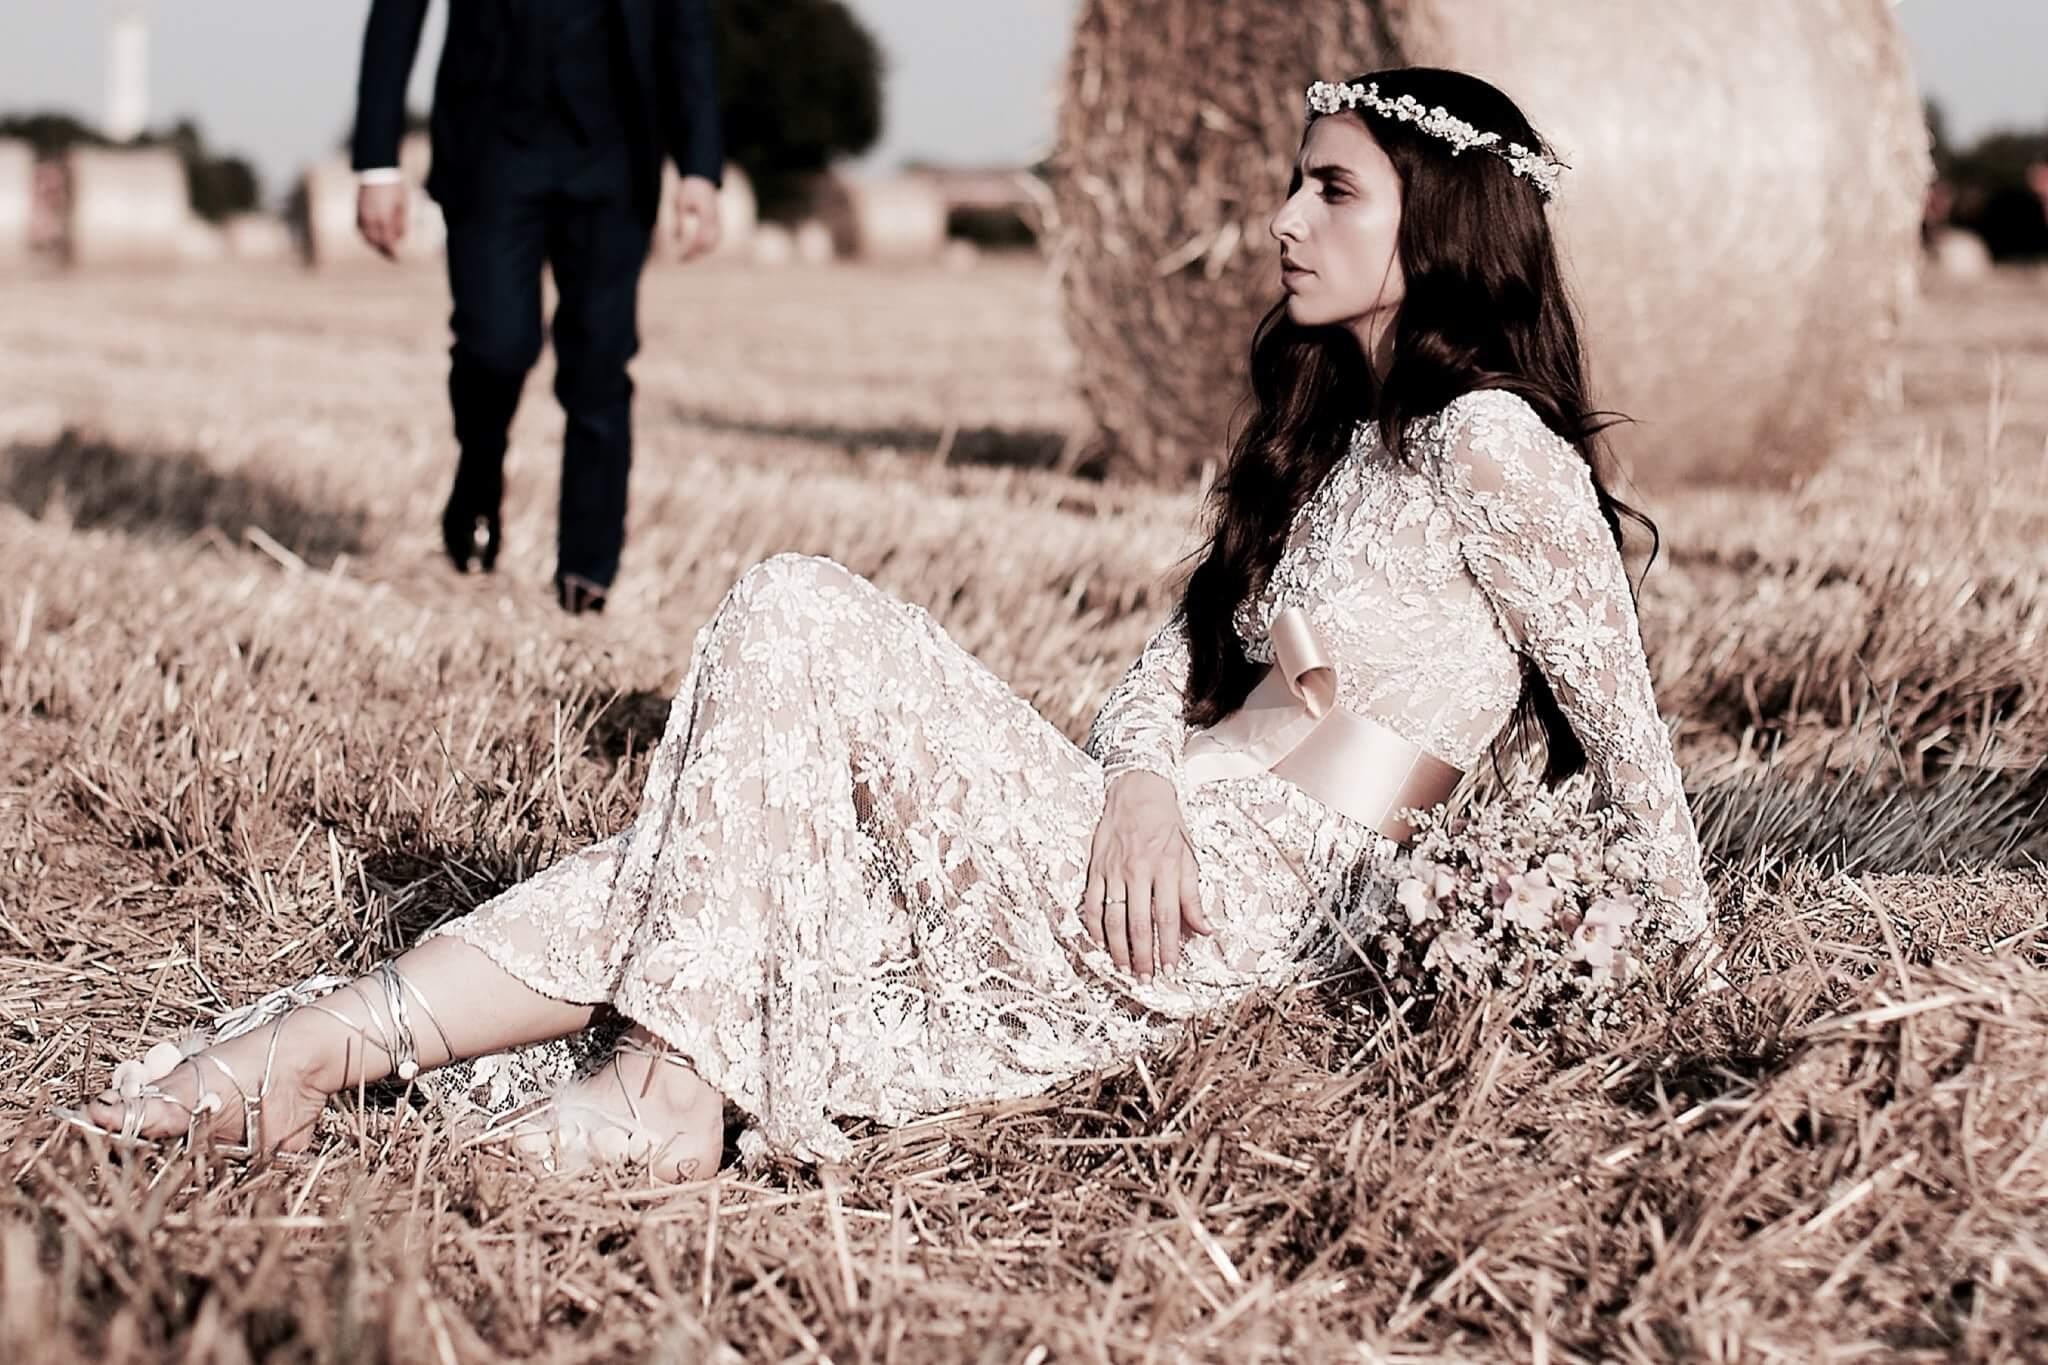 ERIKA BOLDRIN WEARING OUR 'ERIKA' SANDALS AT HER WEDDING